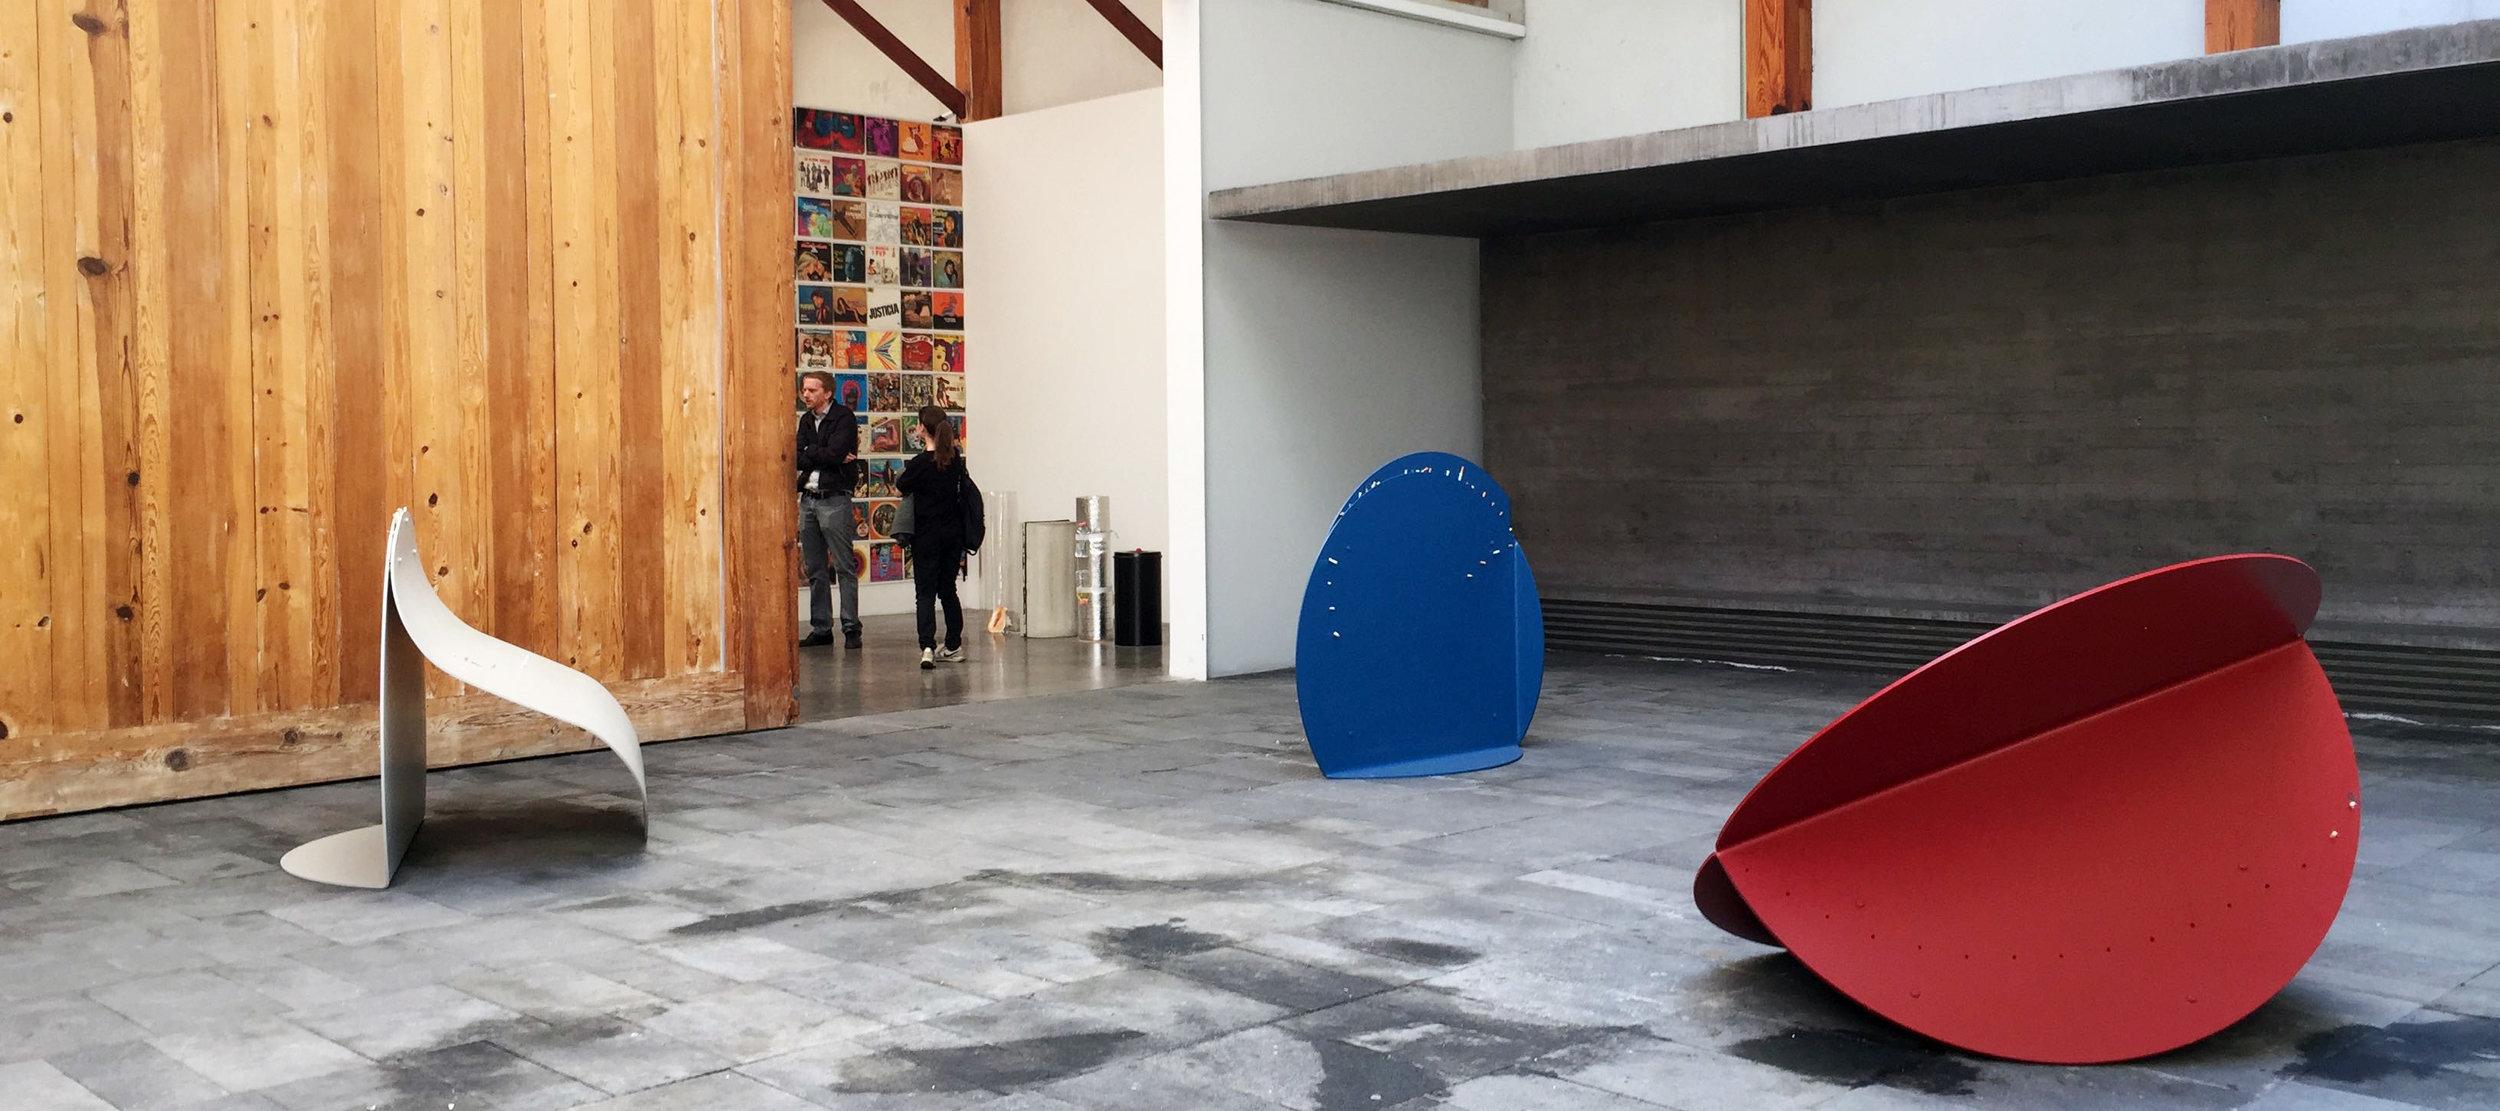 et deux galeries d'art contemporain, parmi les plus importantes de Mexico City et à la renommée internationale.